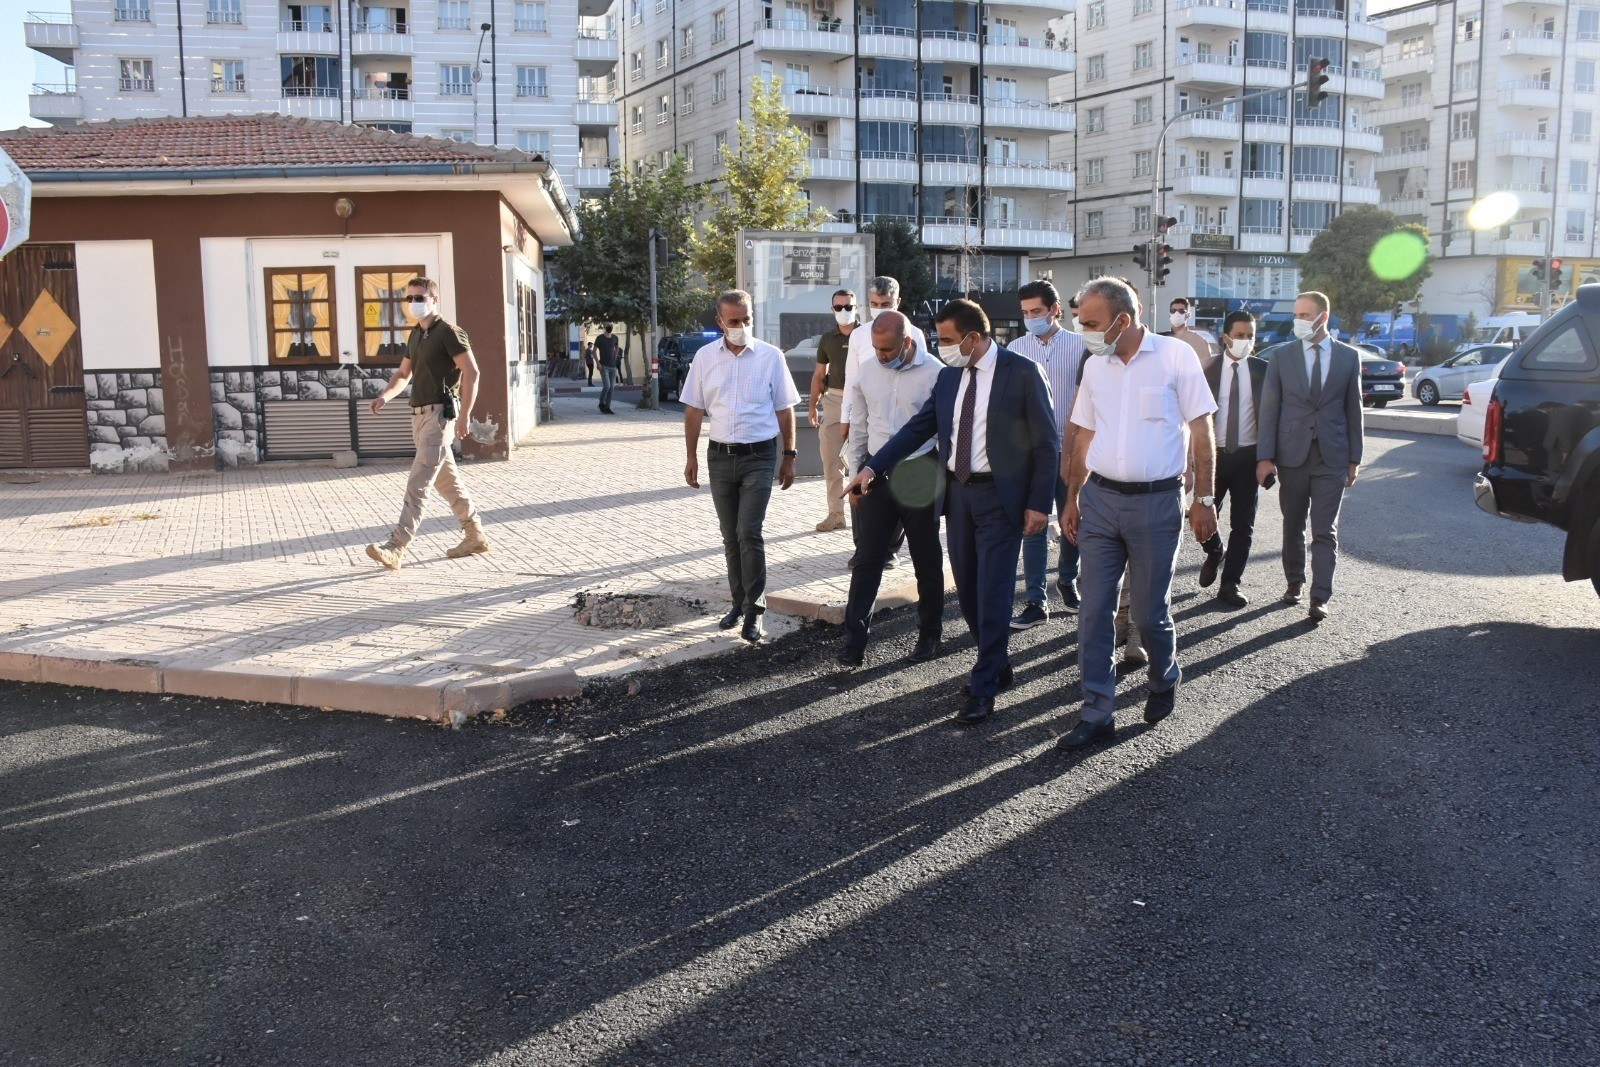 Siirt Valisi Hacıbektaşoğlu, yatırım ve projeleri hızlandırma talimatı verdi